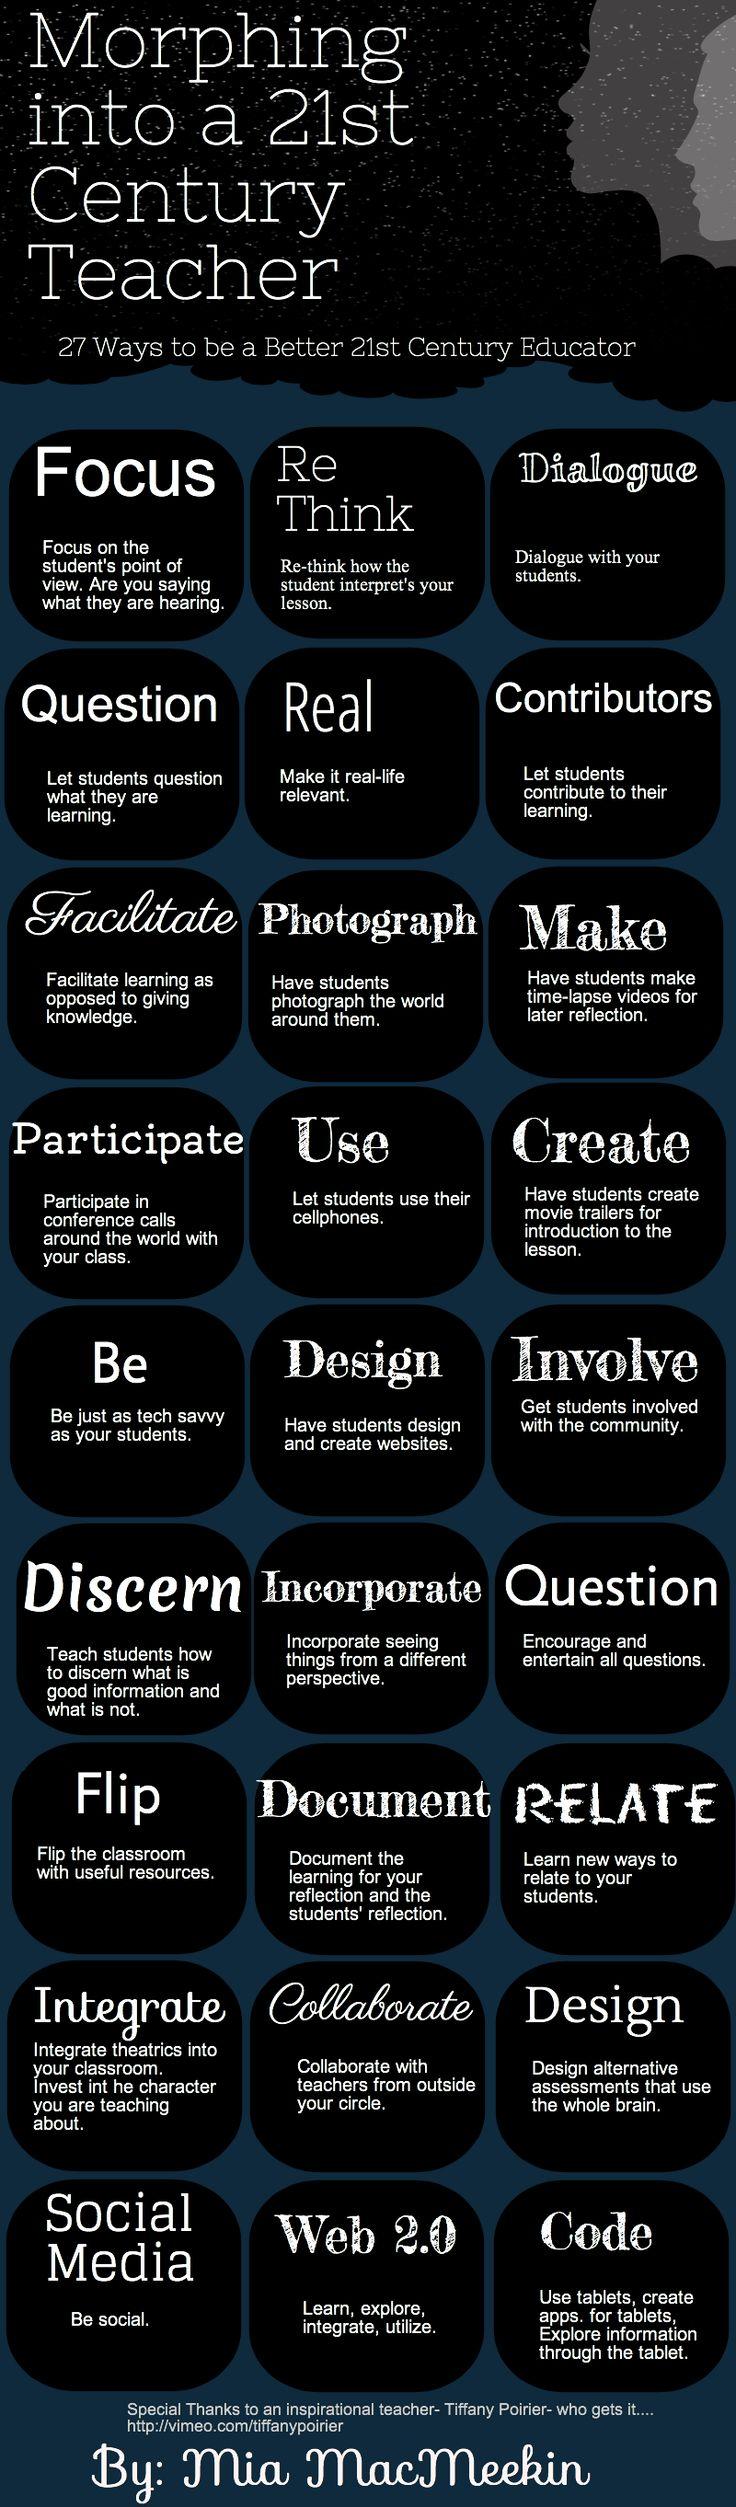 Hoe word ik de leerkracht van de 21ste eeuw